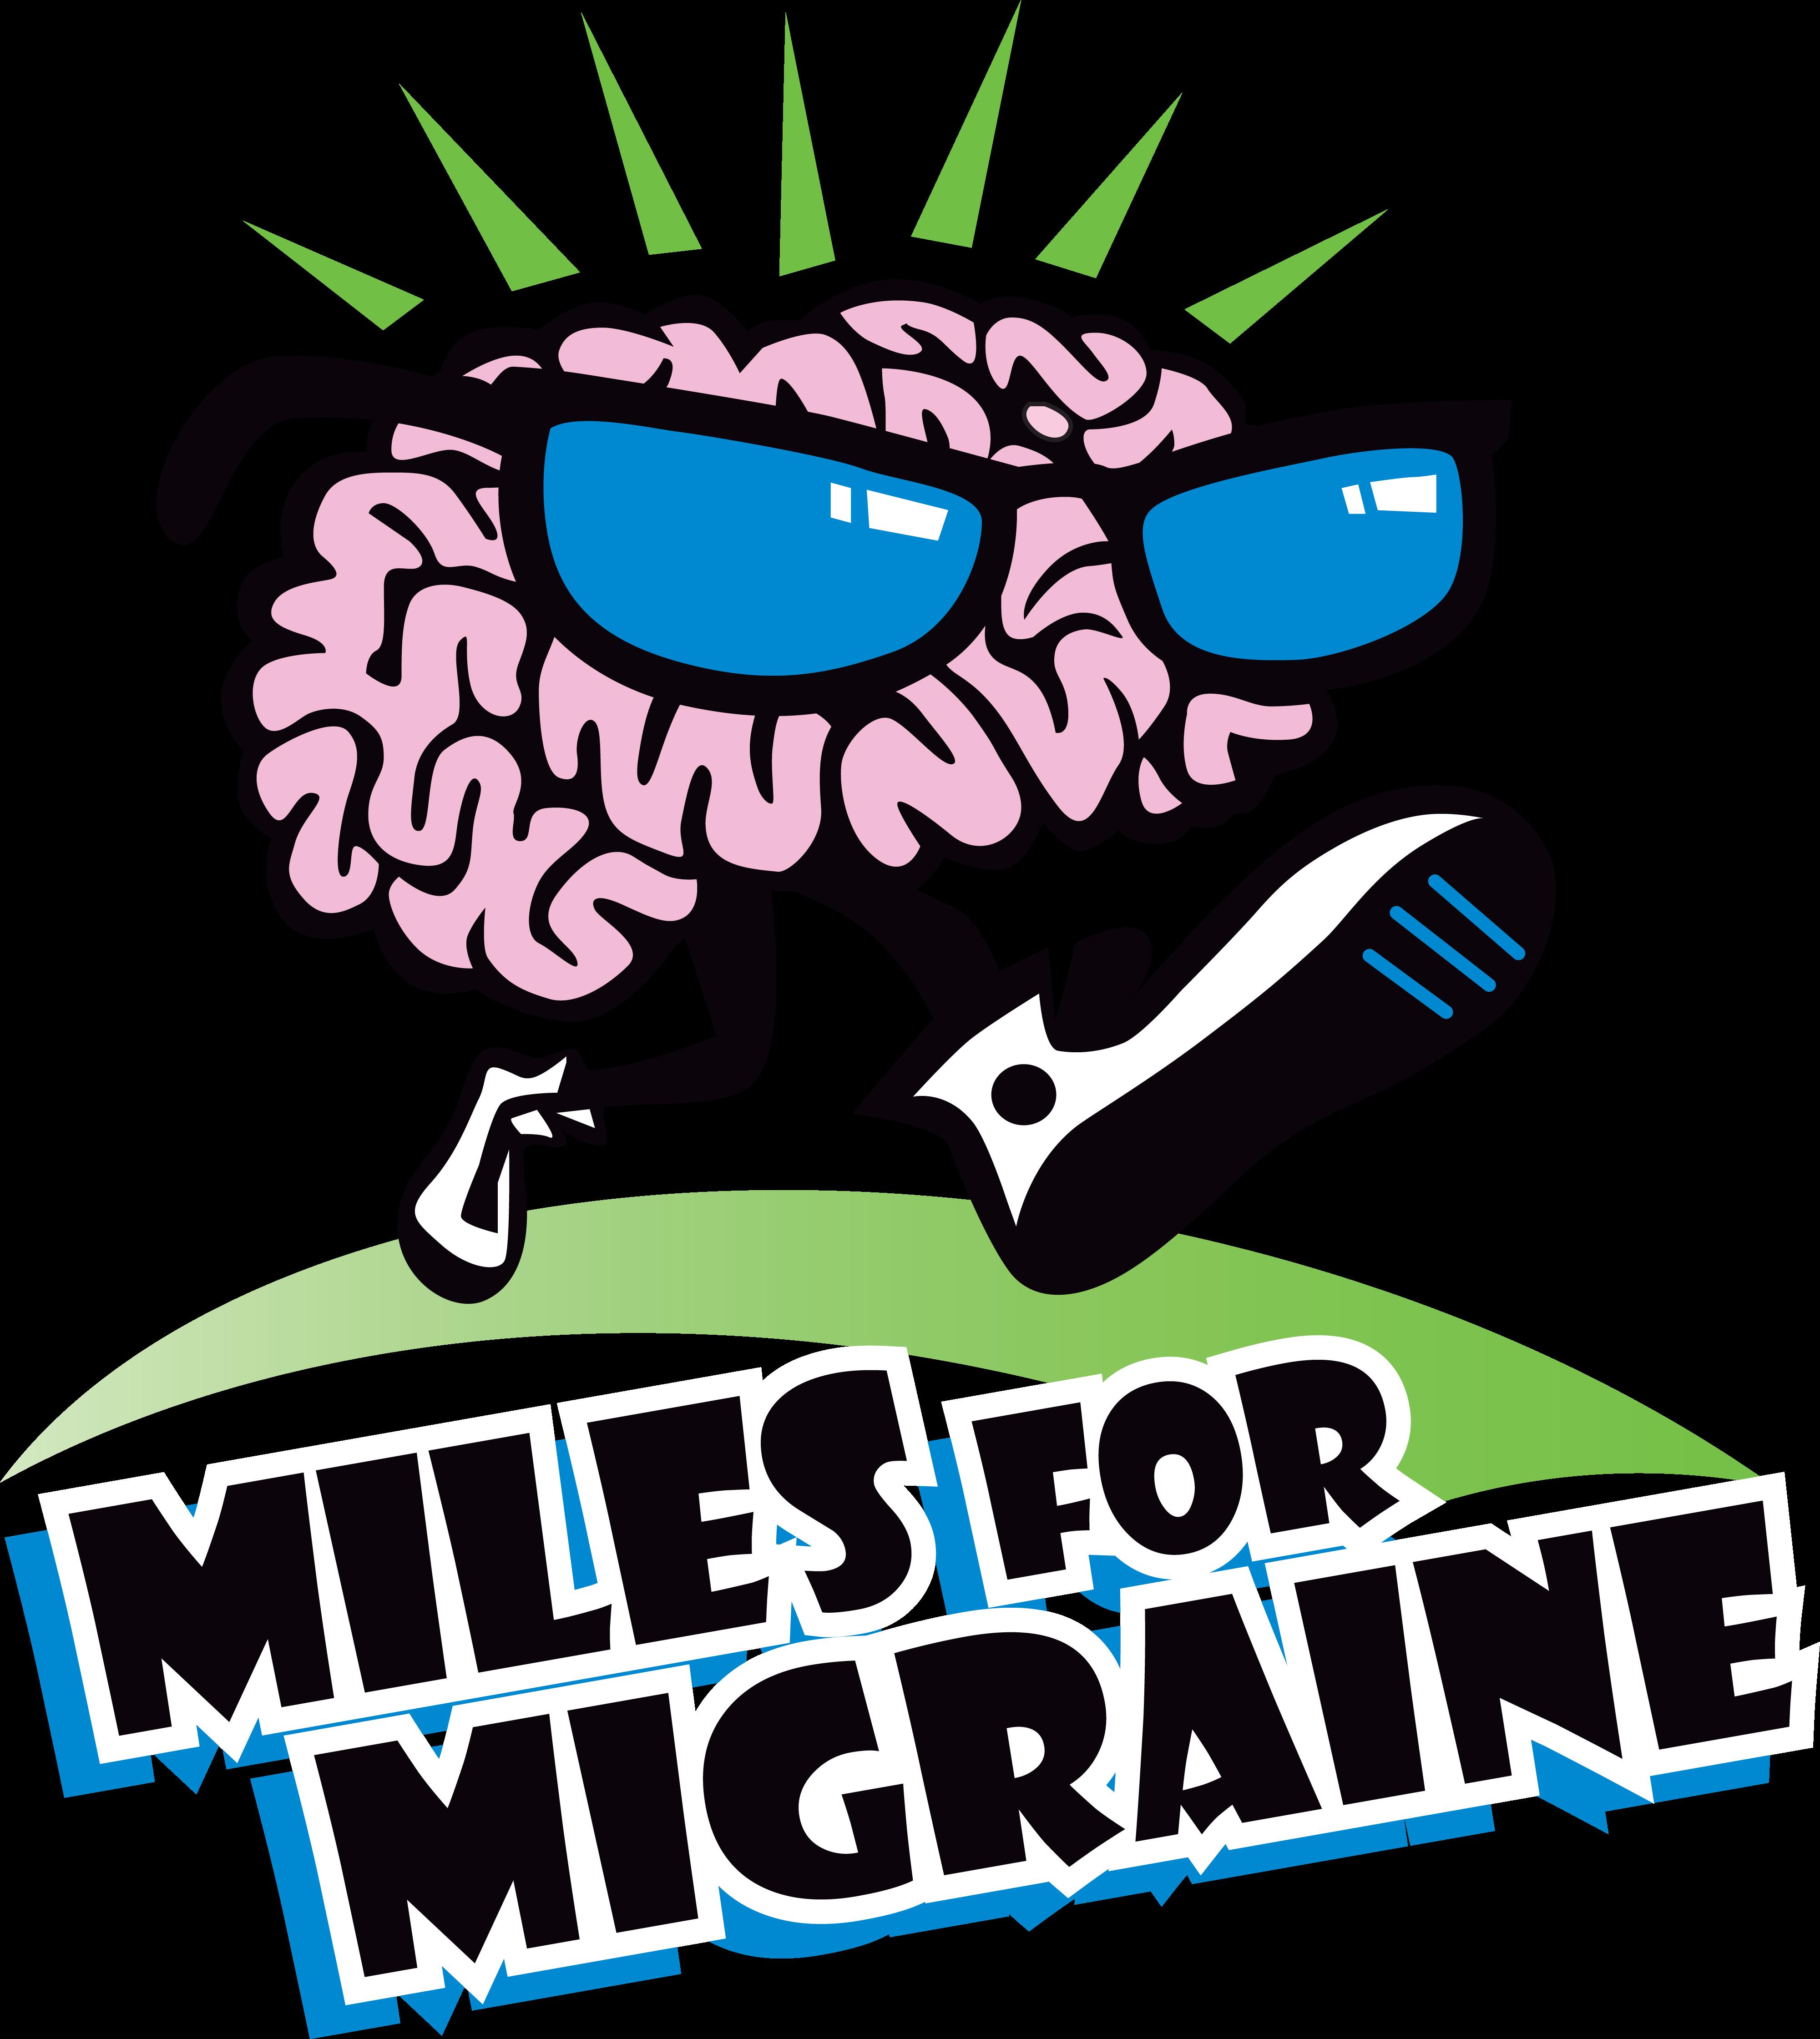 Miles for Migraine logo